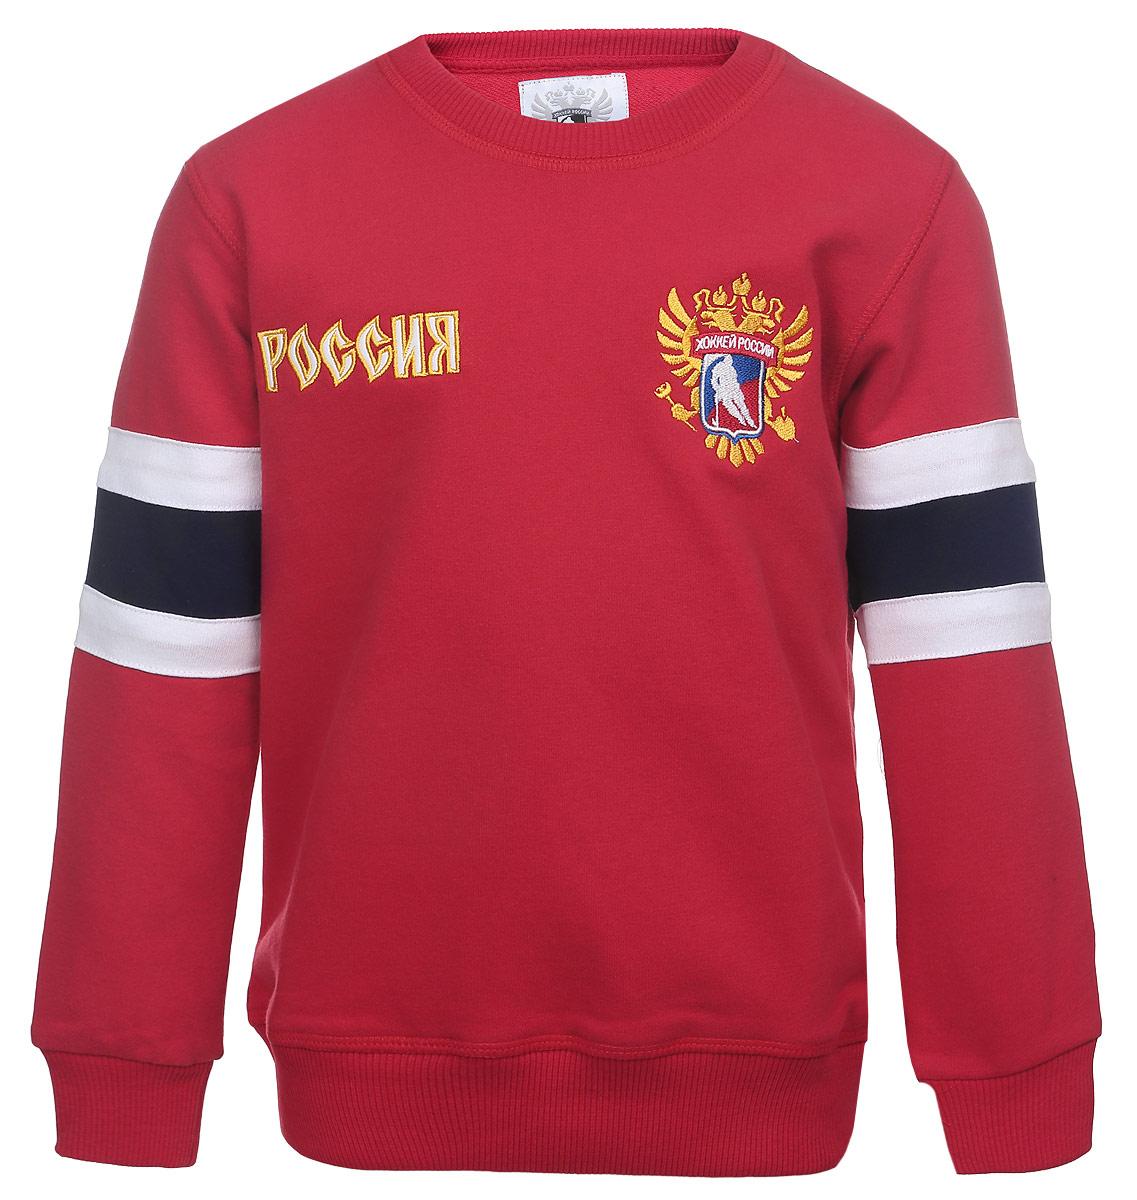 Свитшот детский Красная Машина Россия, цвет: красный, белый, темно-синий. 65160081. Размер 116 - Национальная Атрибутика